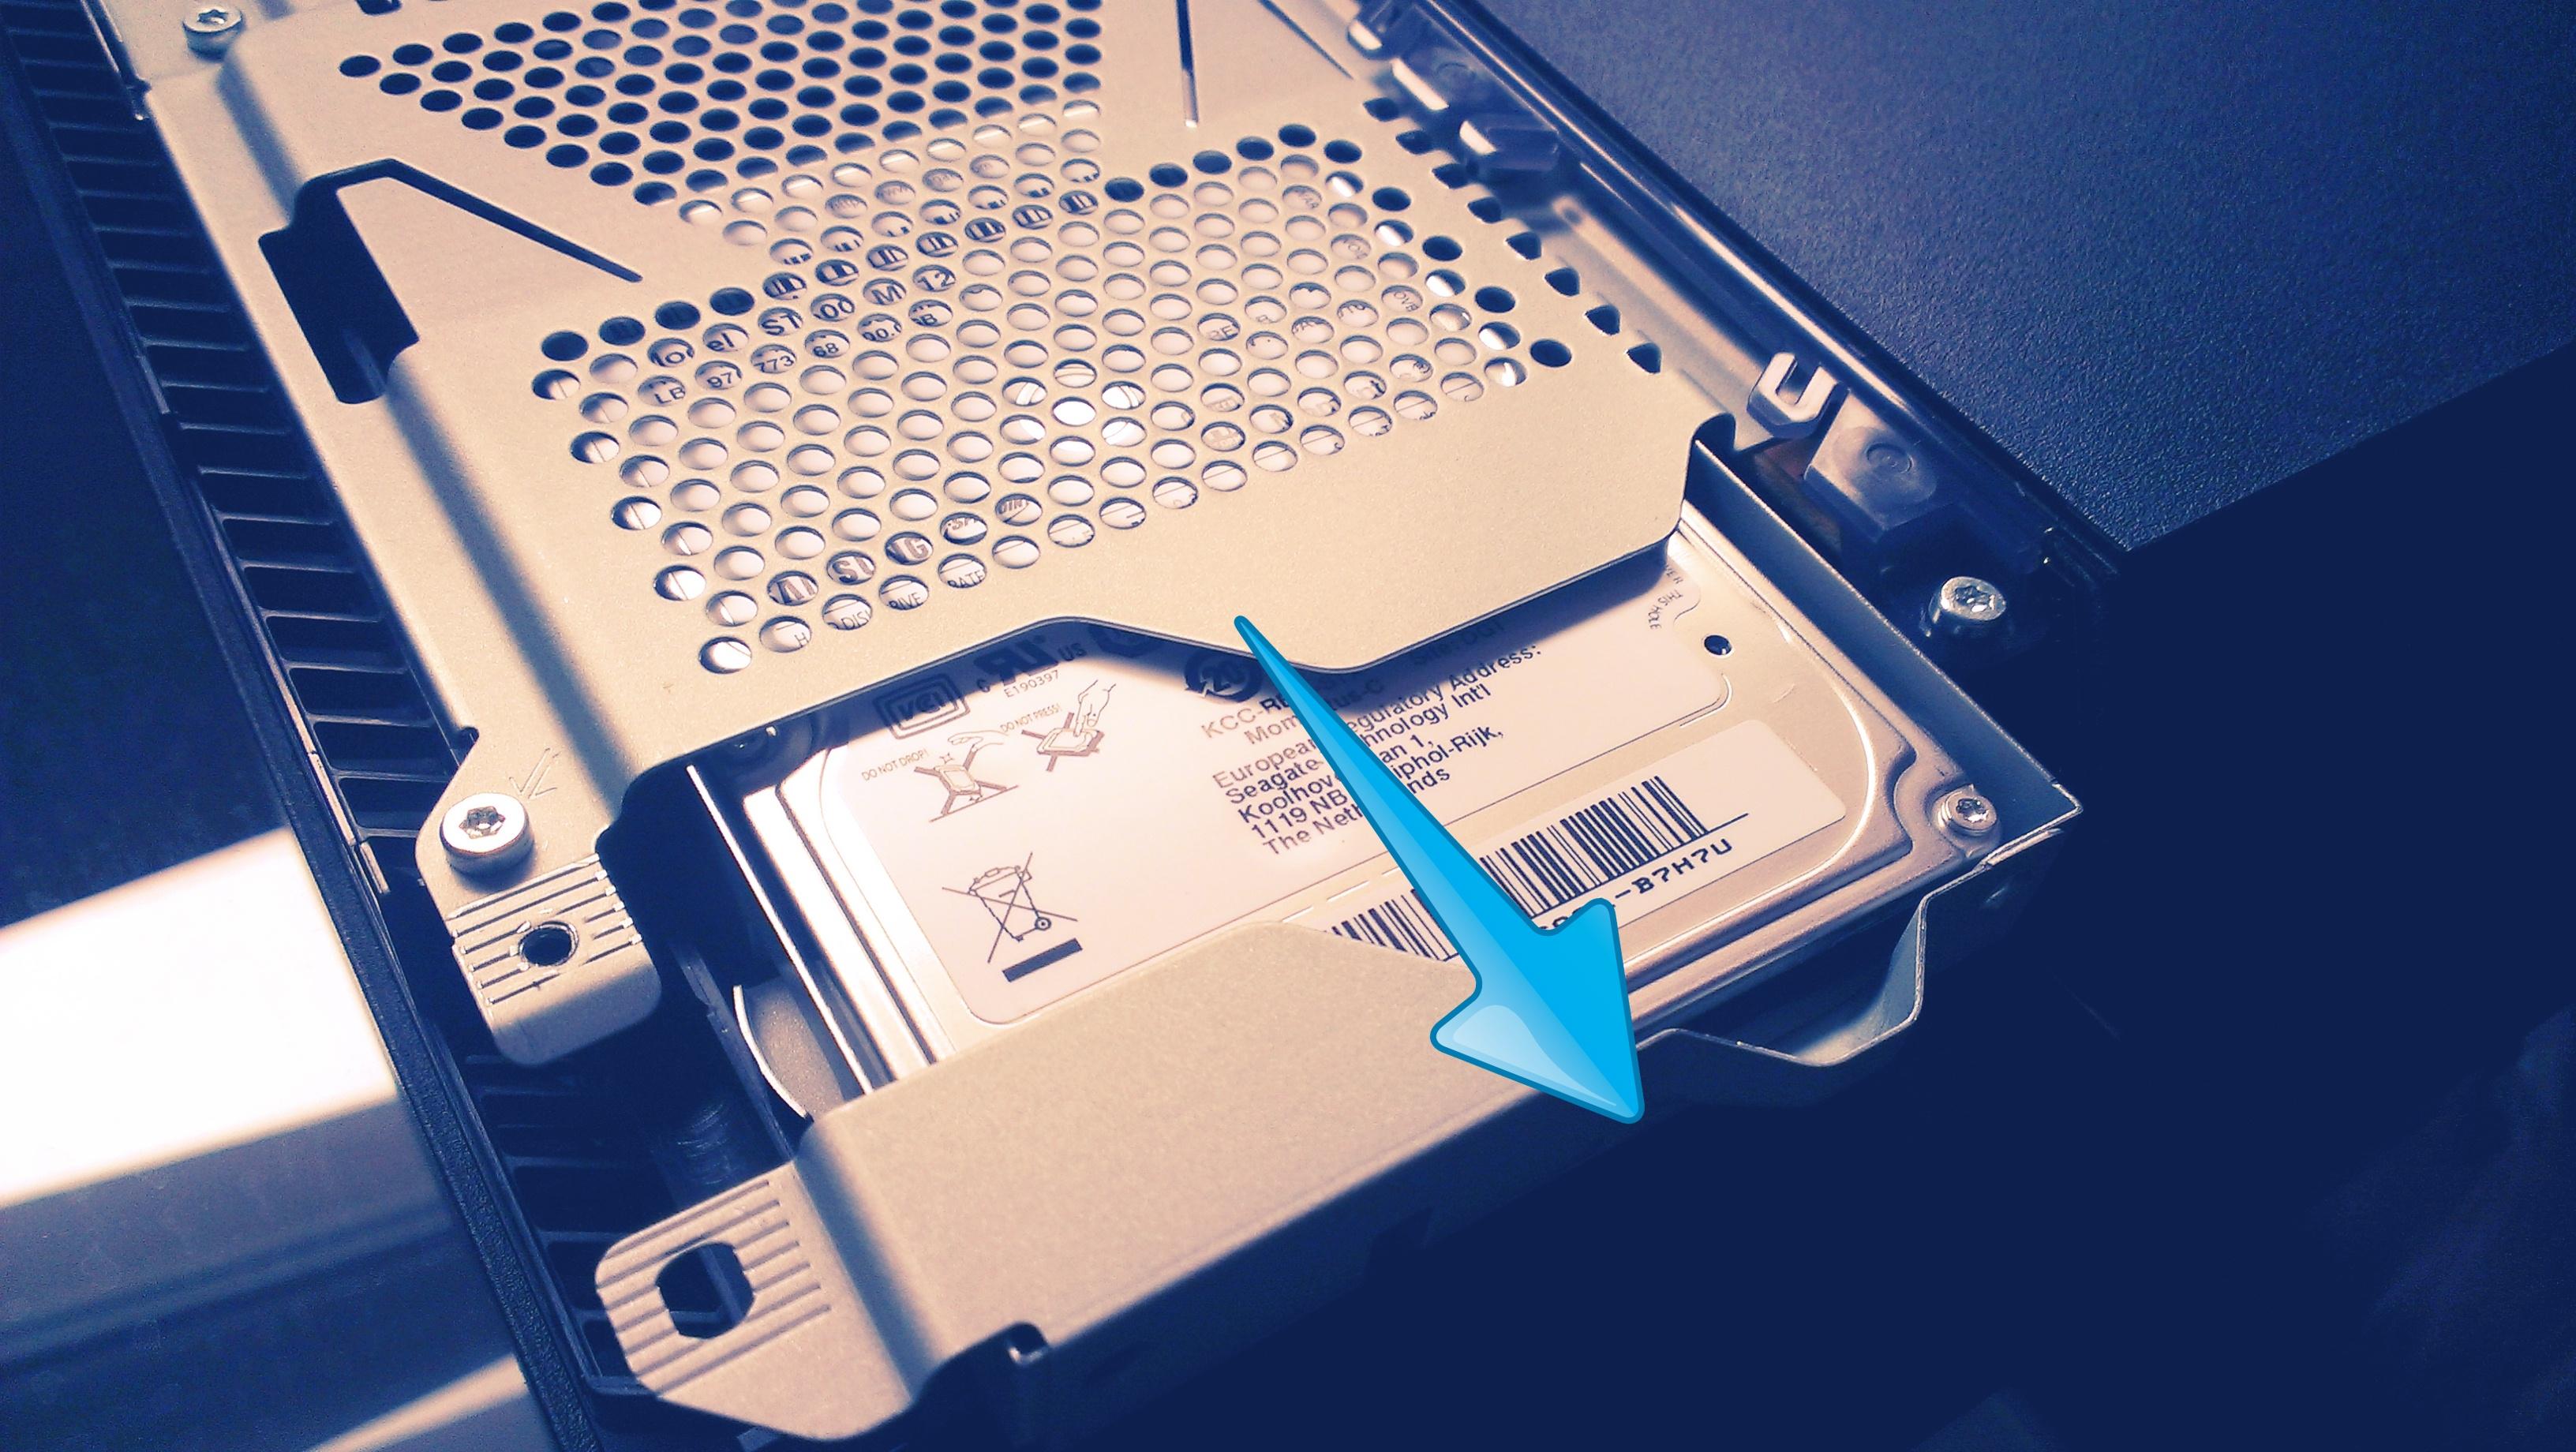 SSD einbau